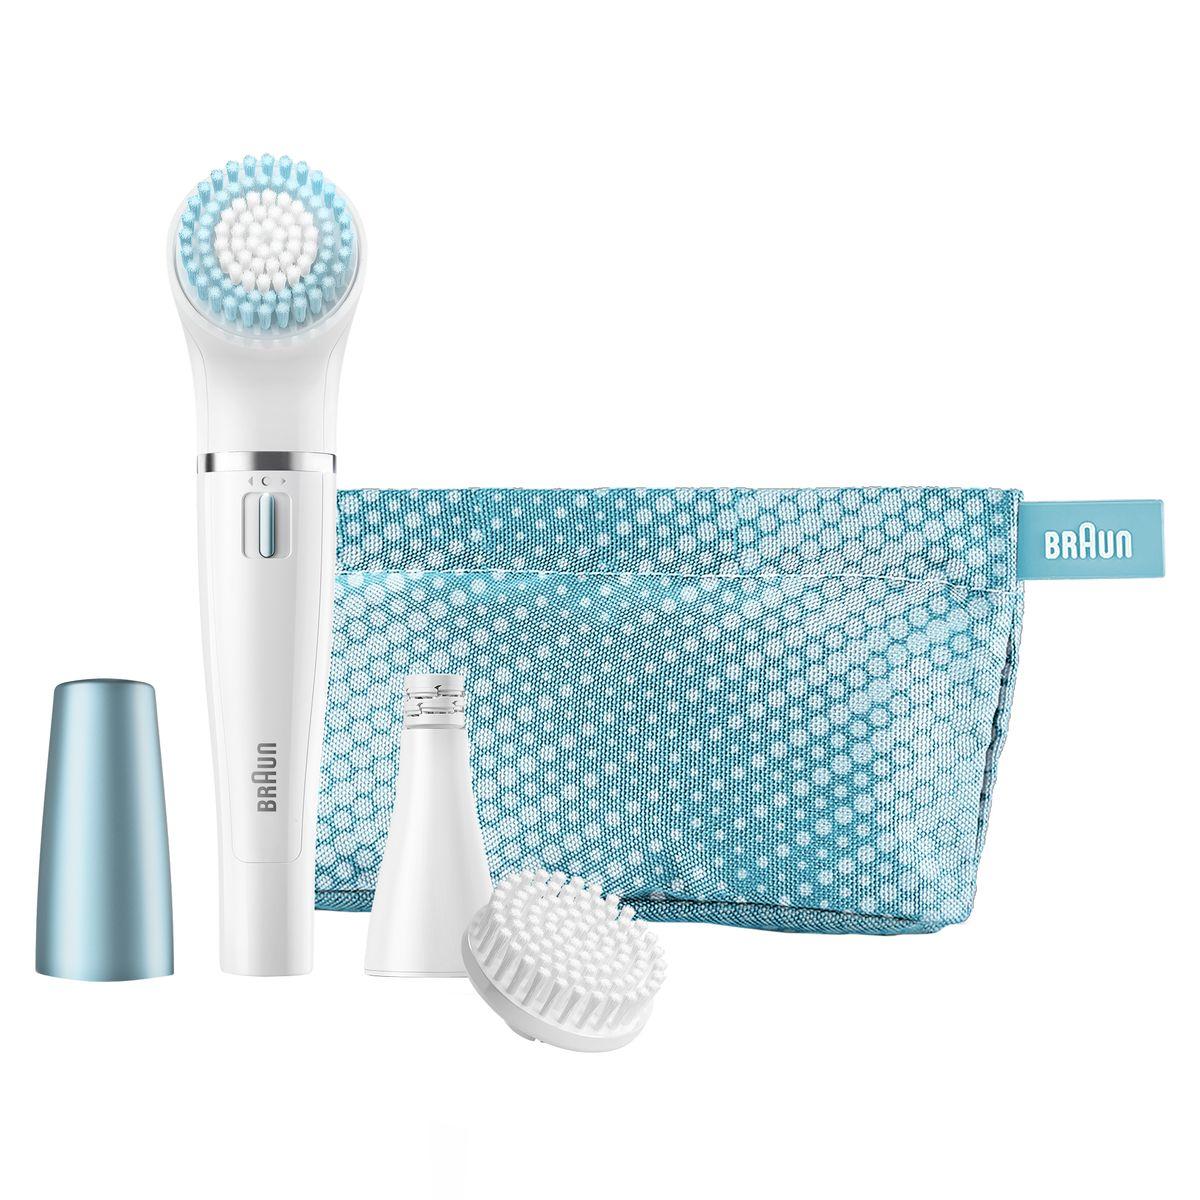 Braun Face 832e щеточка для очищения + эпилятор для лица